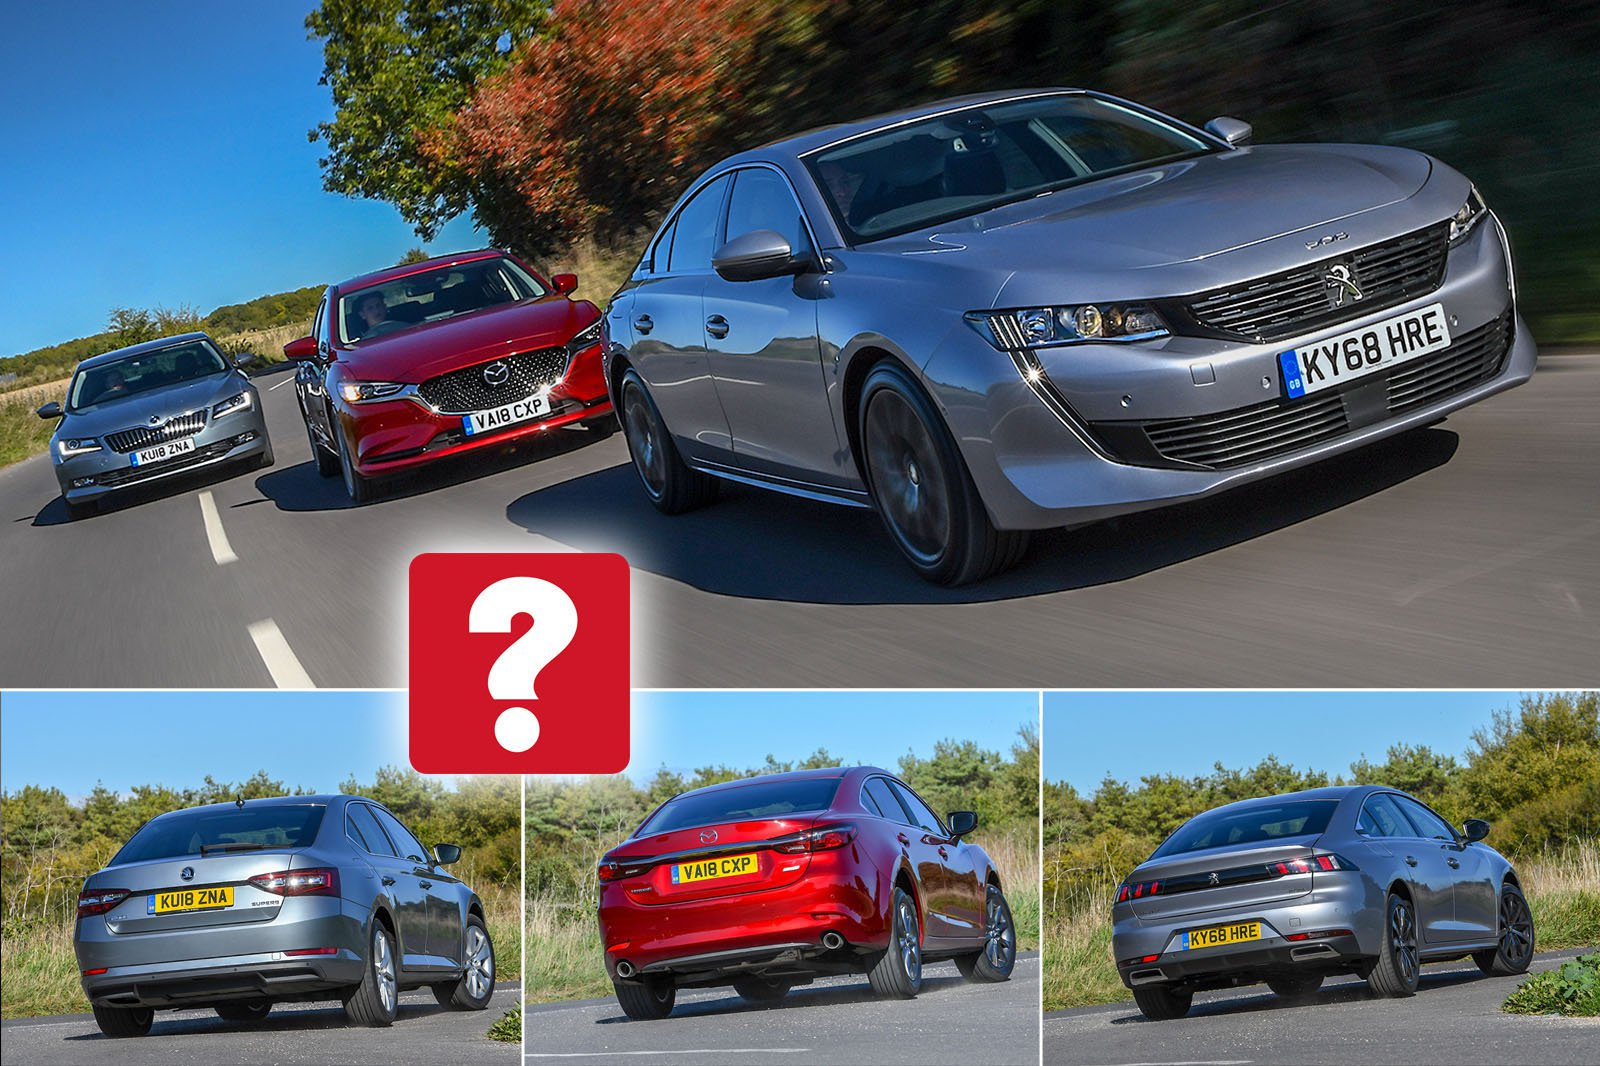 New Peugeot 508 vs Mazda 6 vs Skoda Superb